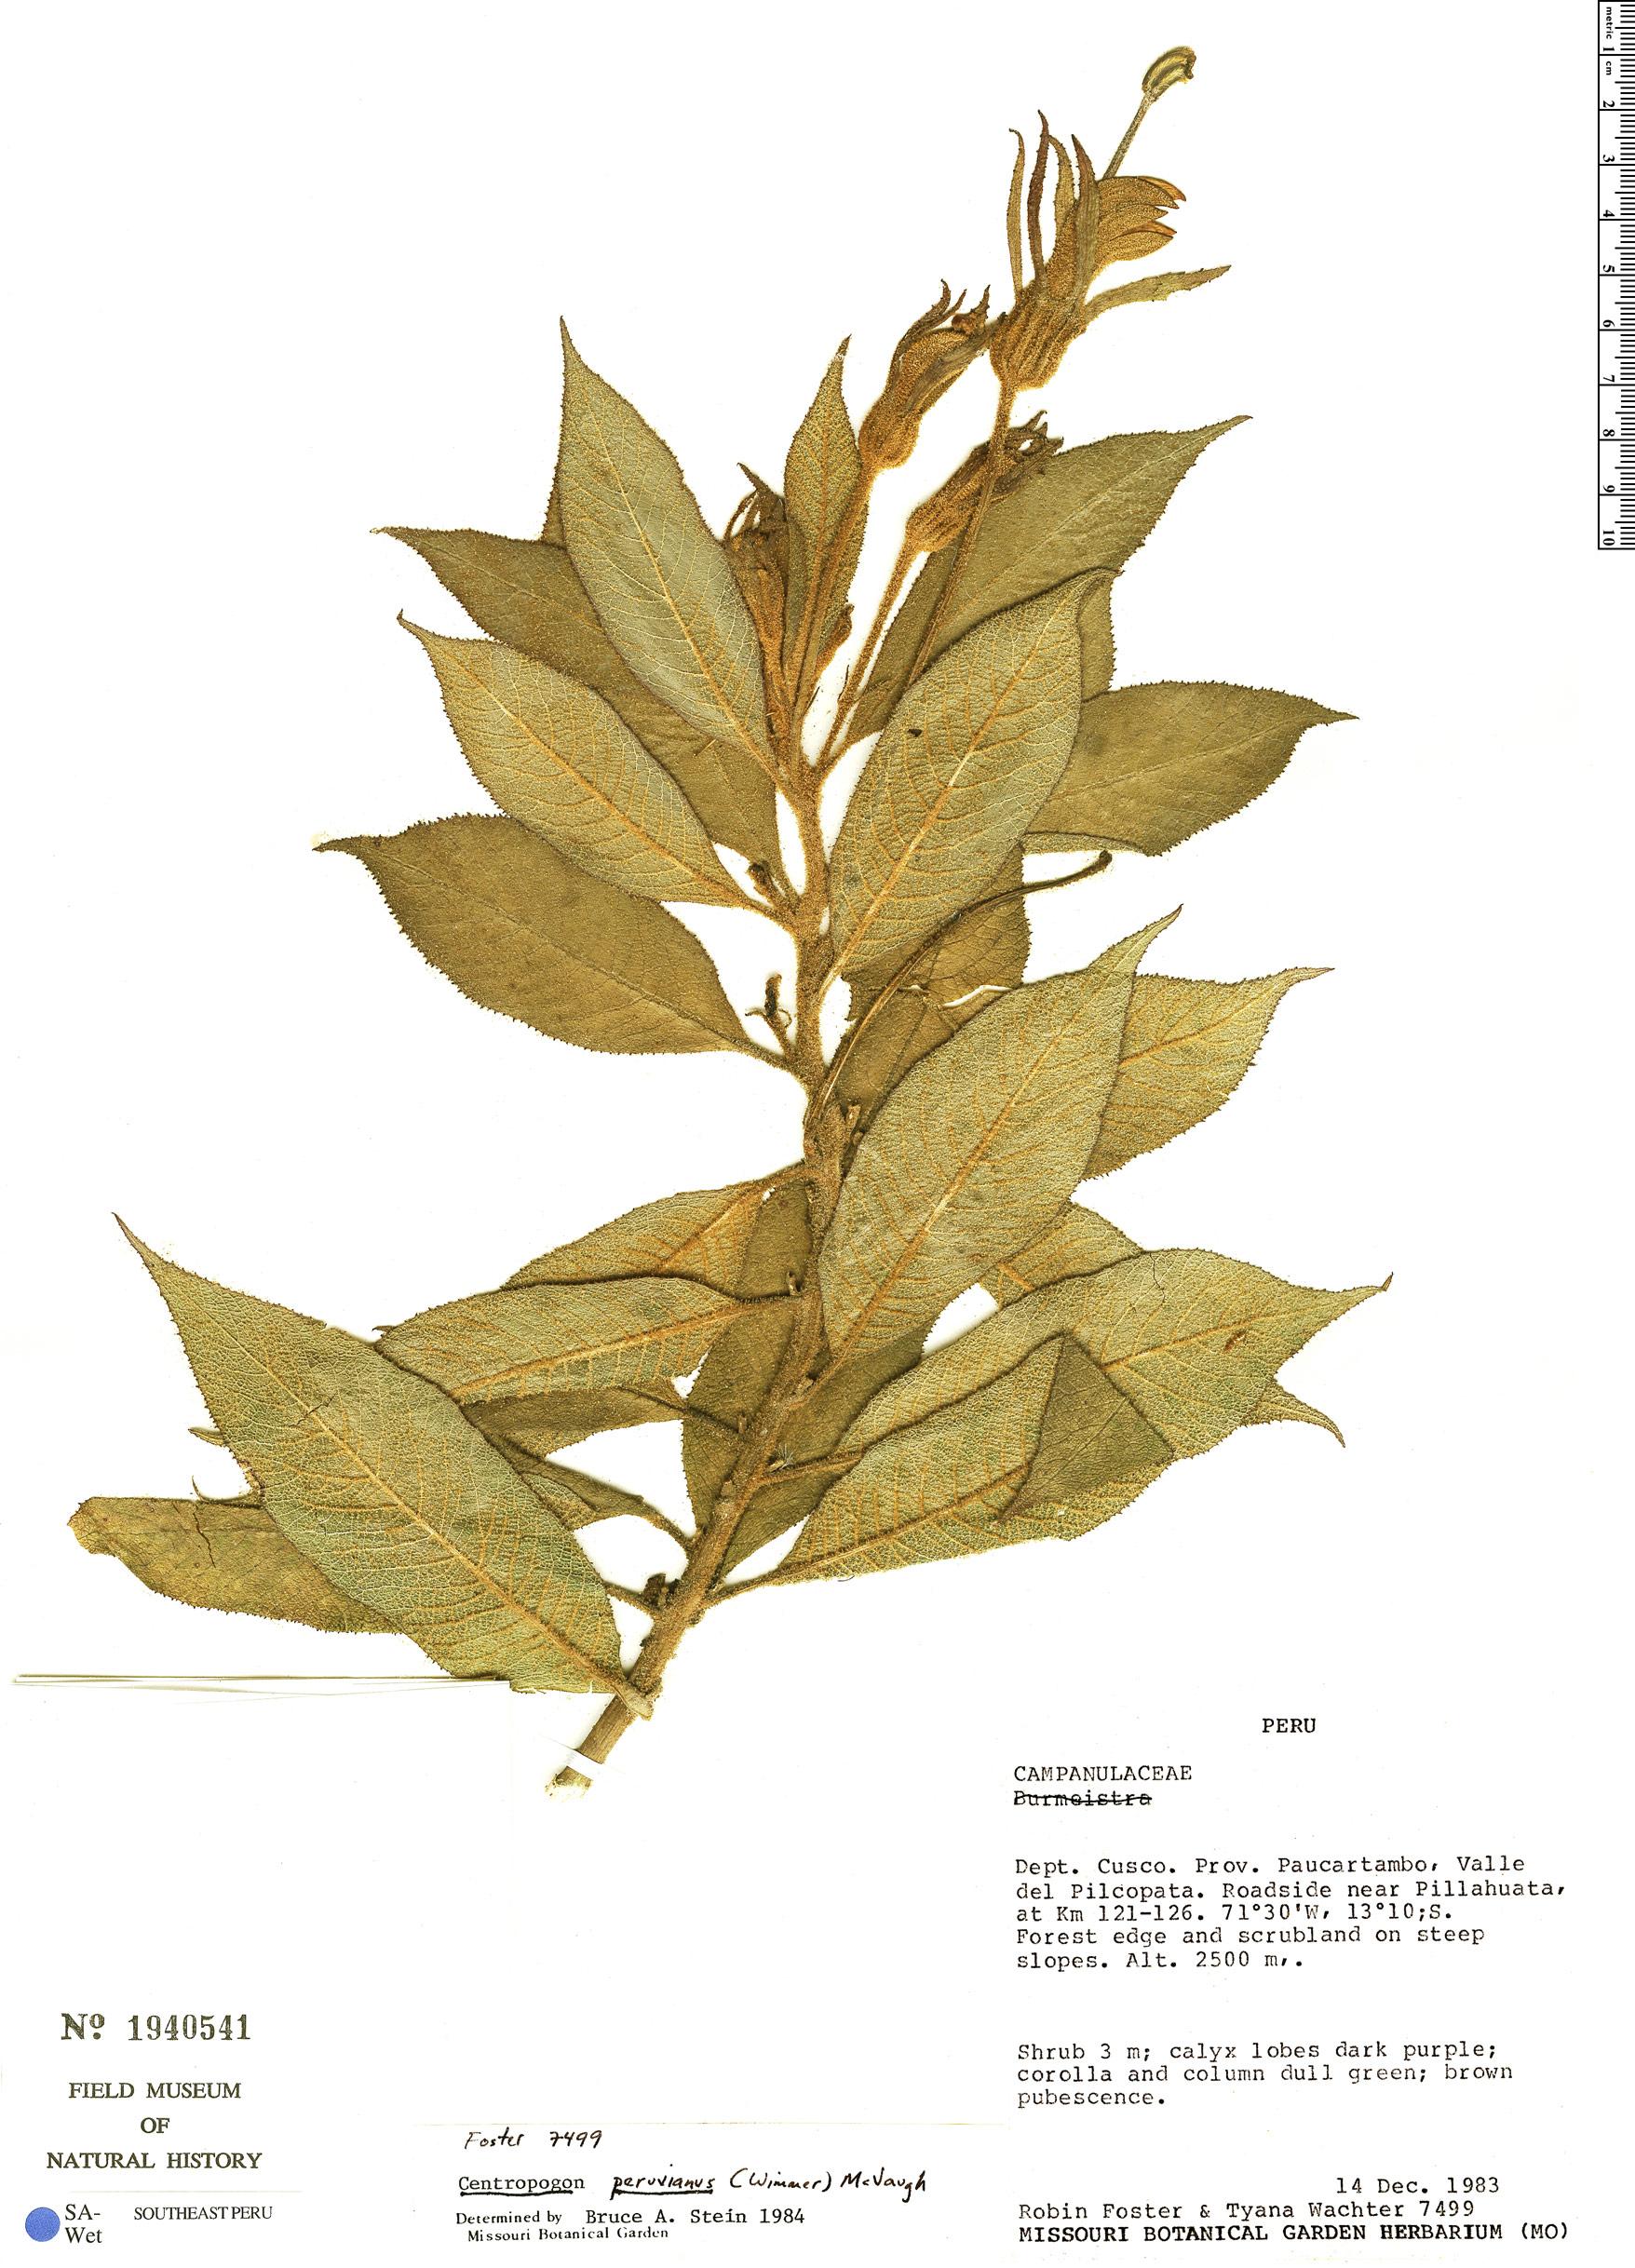 Specimen: Centropogon peruvianus